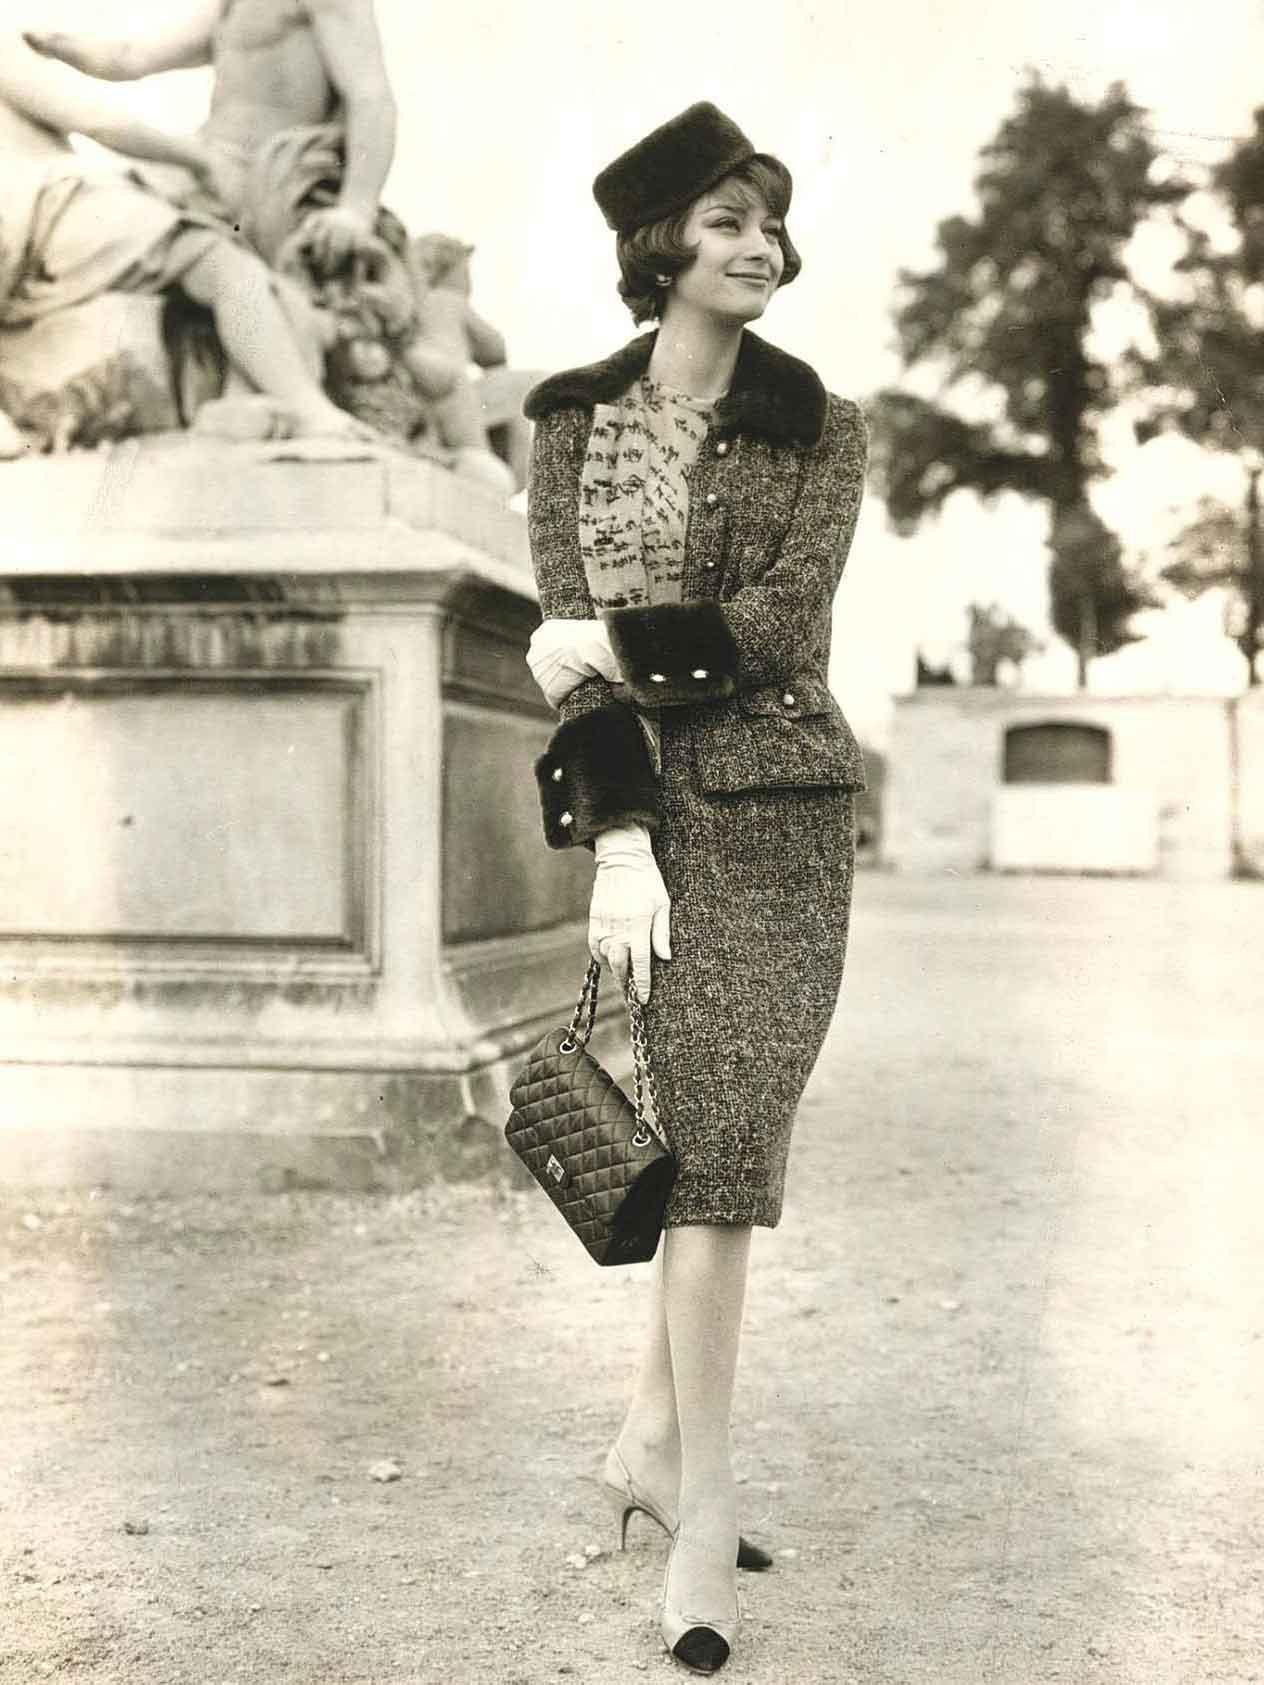 Coco Chanel: Từ ca sĩ phòng trà đến nhà thiết kế thời trang huyền thoại, là bóng hồng của bao người lỗi lạc nhưng mãi cô đơn đến cuối đời - Ảnh 7.